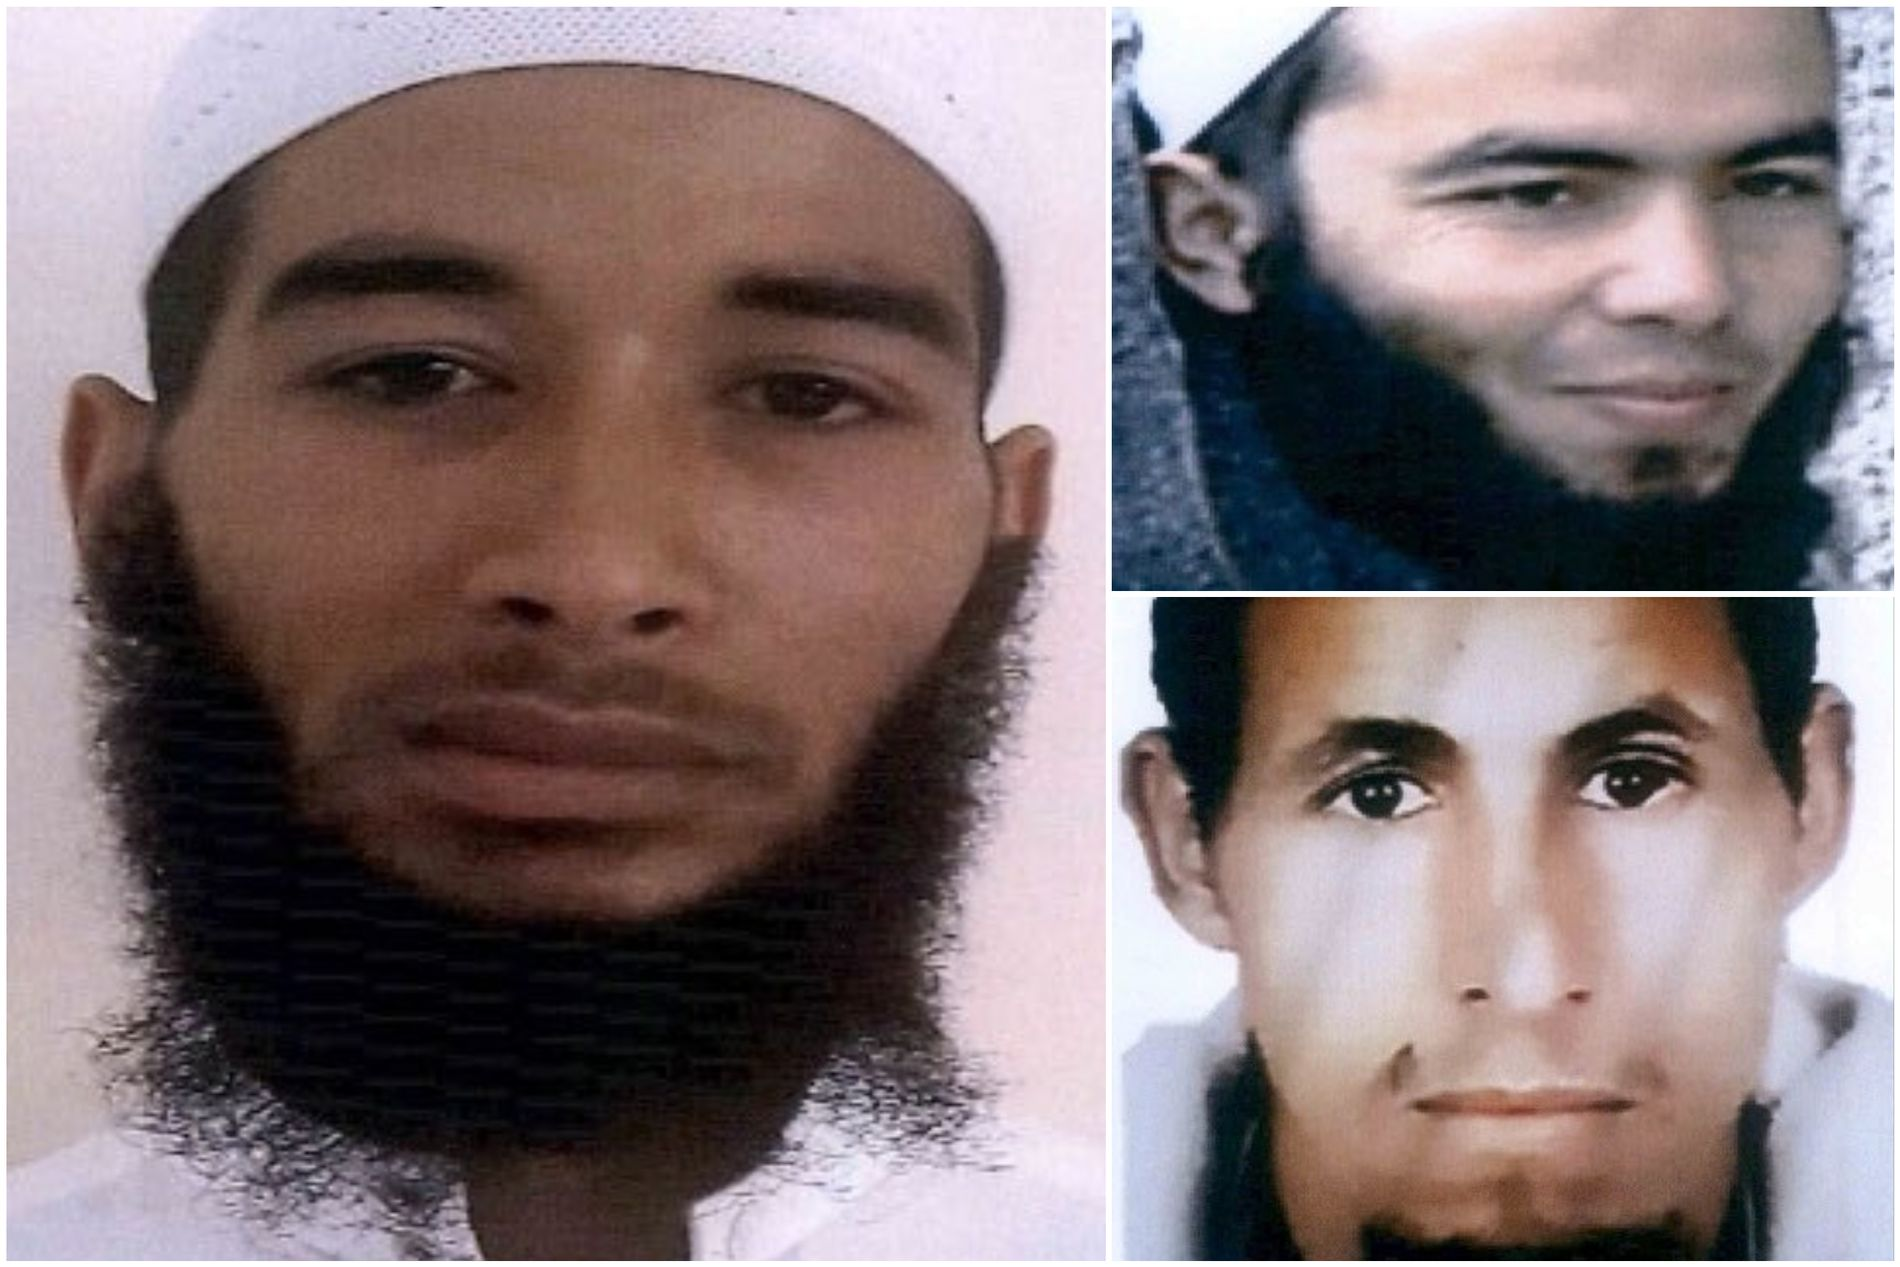 ETTERSØKT: VG får opplyst at disse tre mennene er ettersøkt i forbindelse med dobbeltdrapet. Mennene, som skal være identifiserte, jaktes nå over hele Marokko.